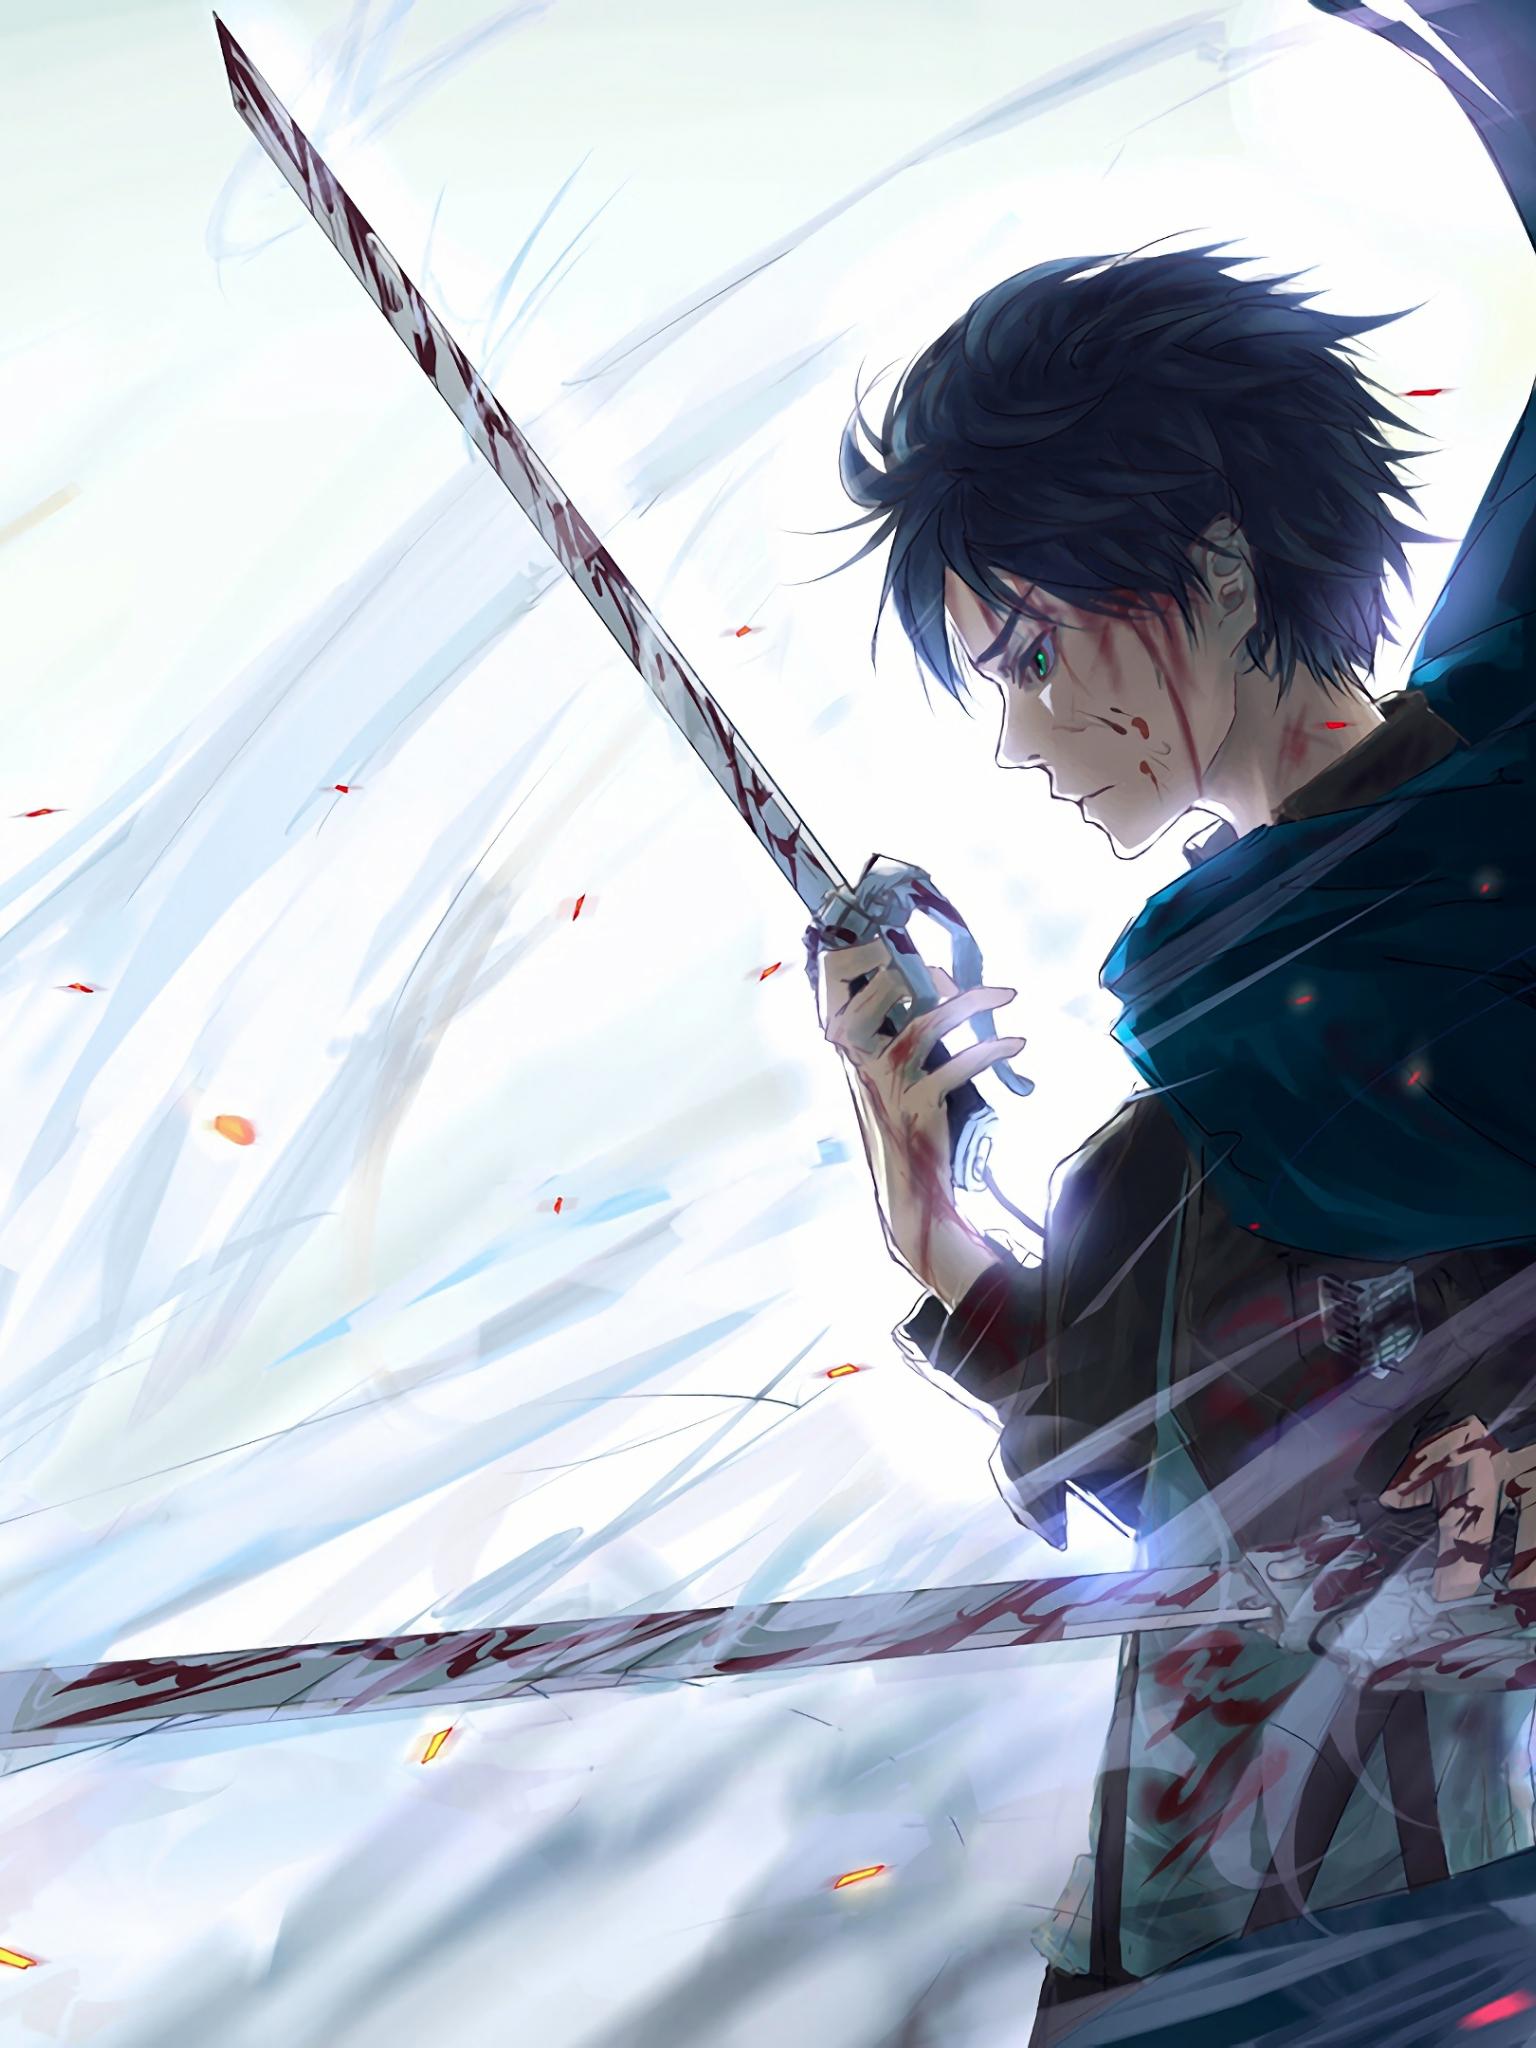 Free Download Eren Yeager 4k 8k Hd Attack On Titan Shingeki